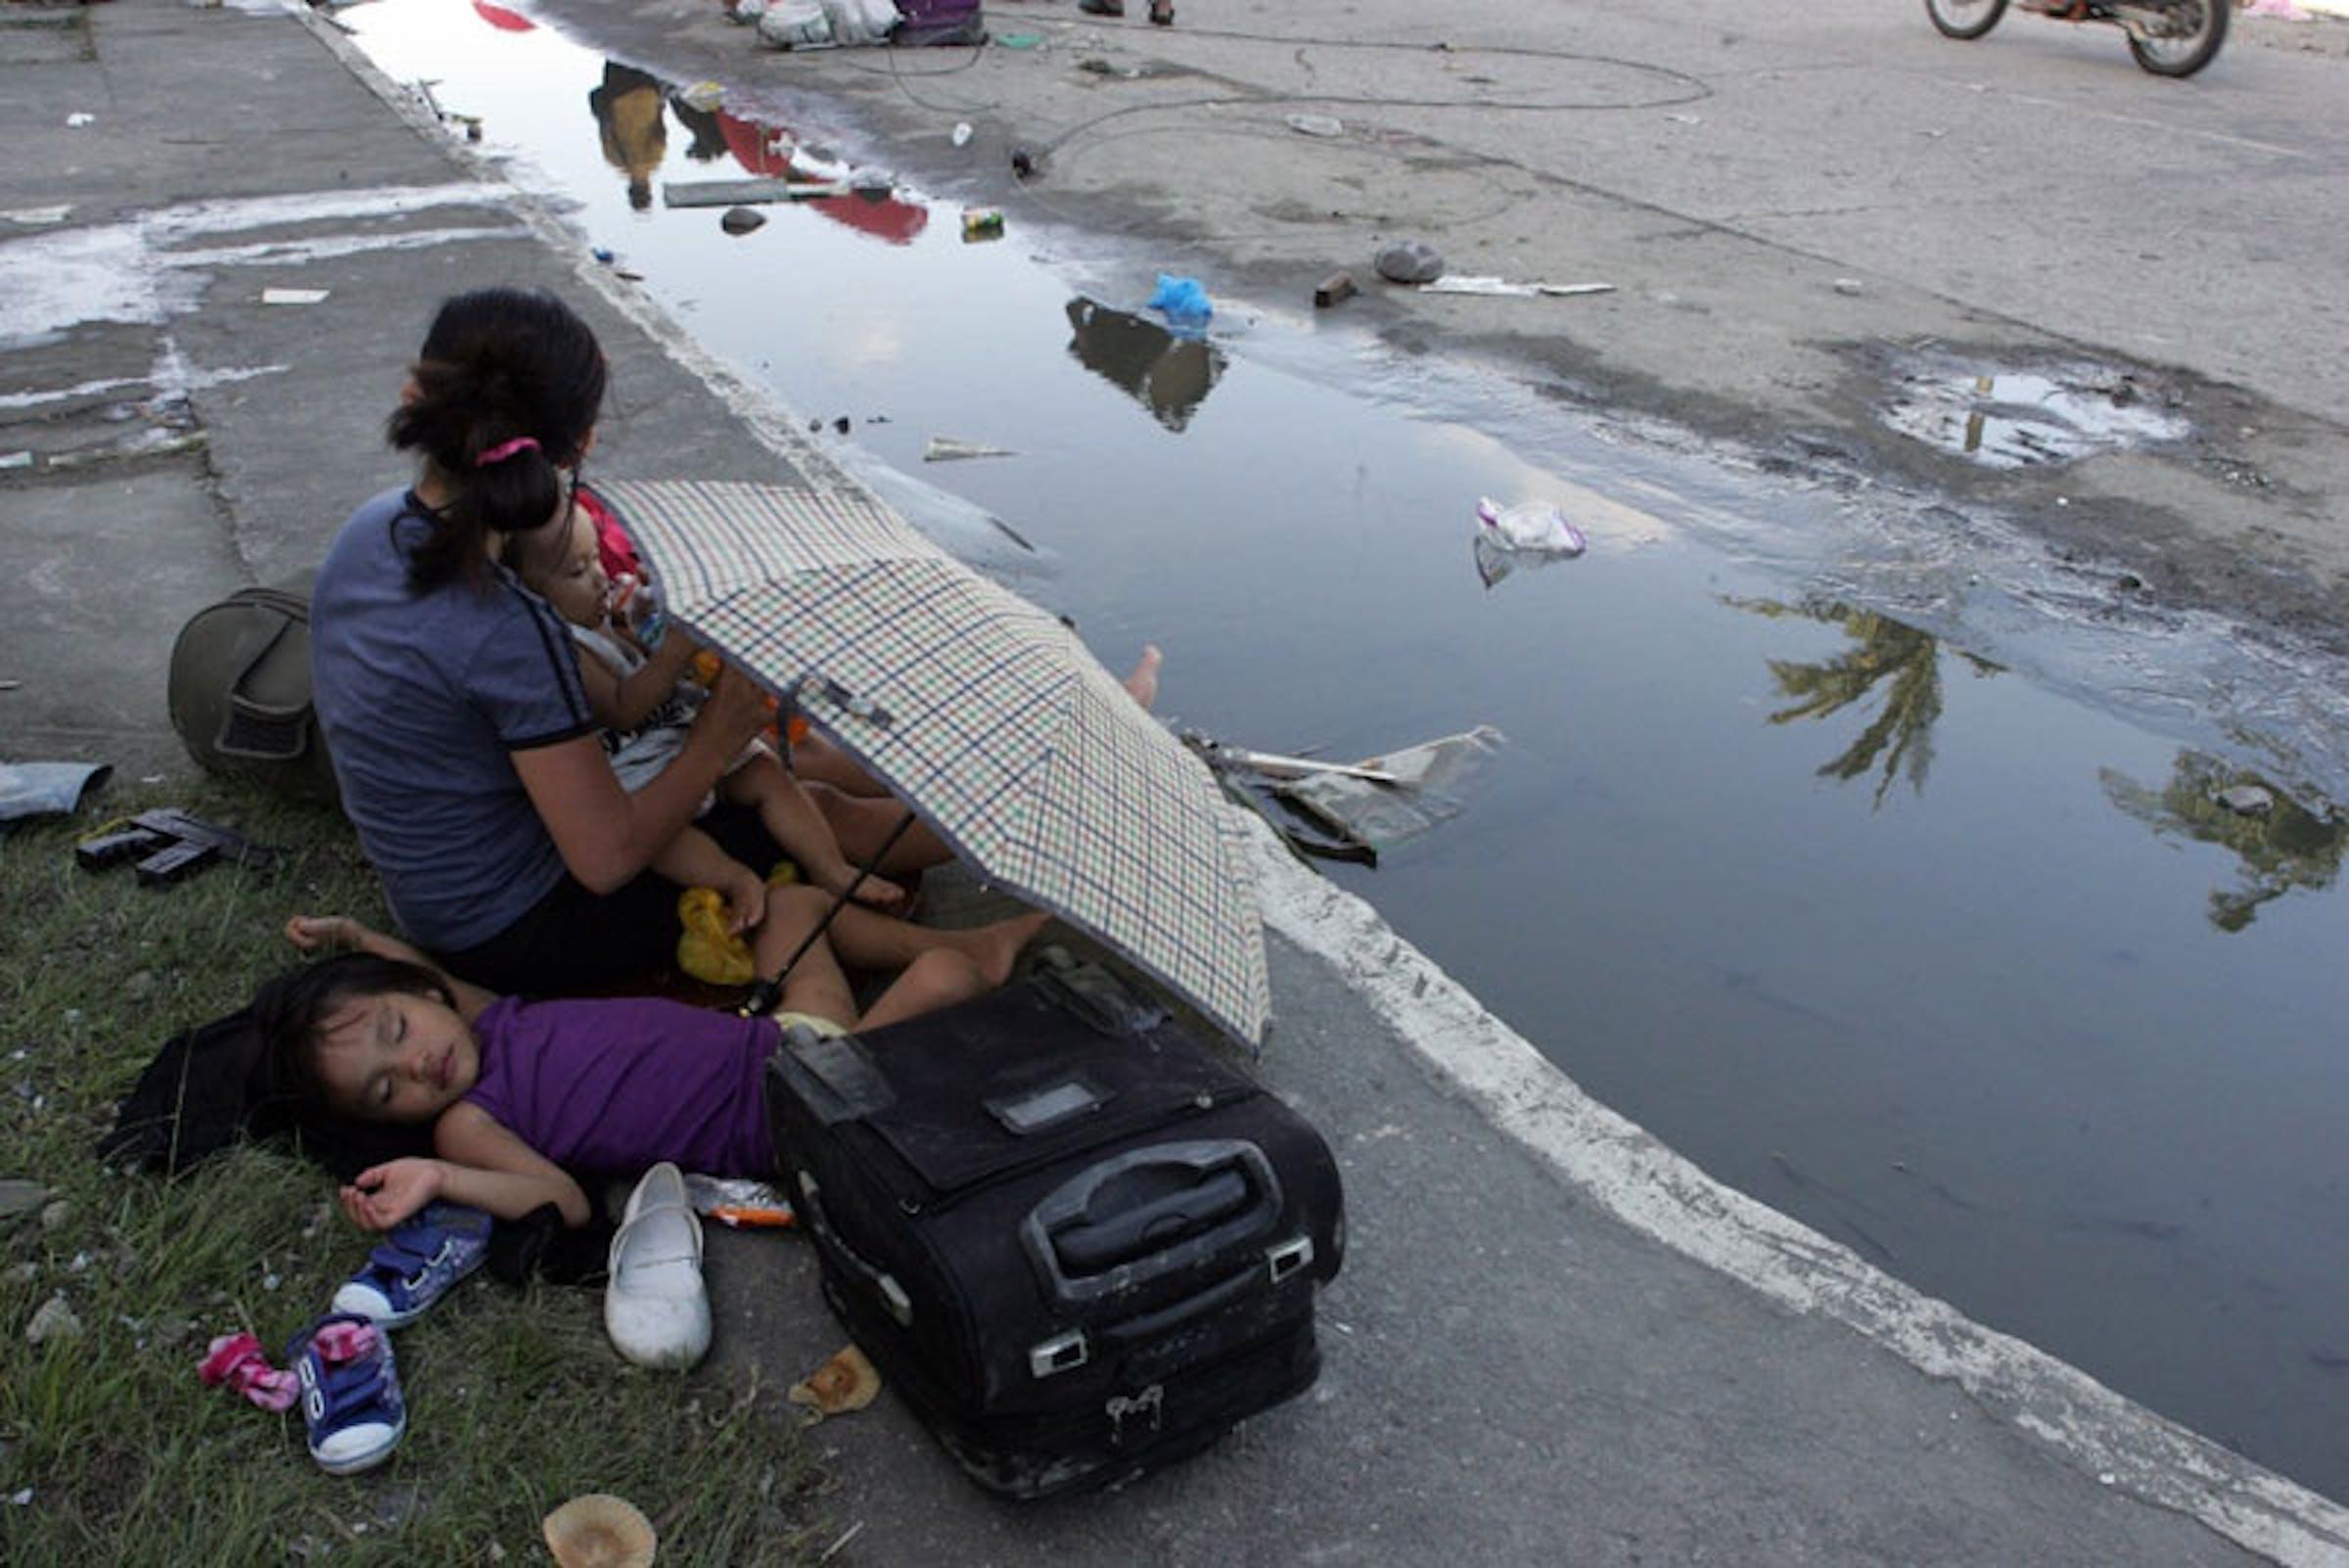 Madre e figli a Tacloban City, Filippine. Sono almeno 100.000 i bambini sotto i 5 anni senza tetto nelle aree colpite dal tifone Haiyan - ©UNICEF/NYHQ2013-0995/J.Maitem